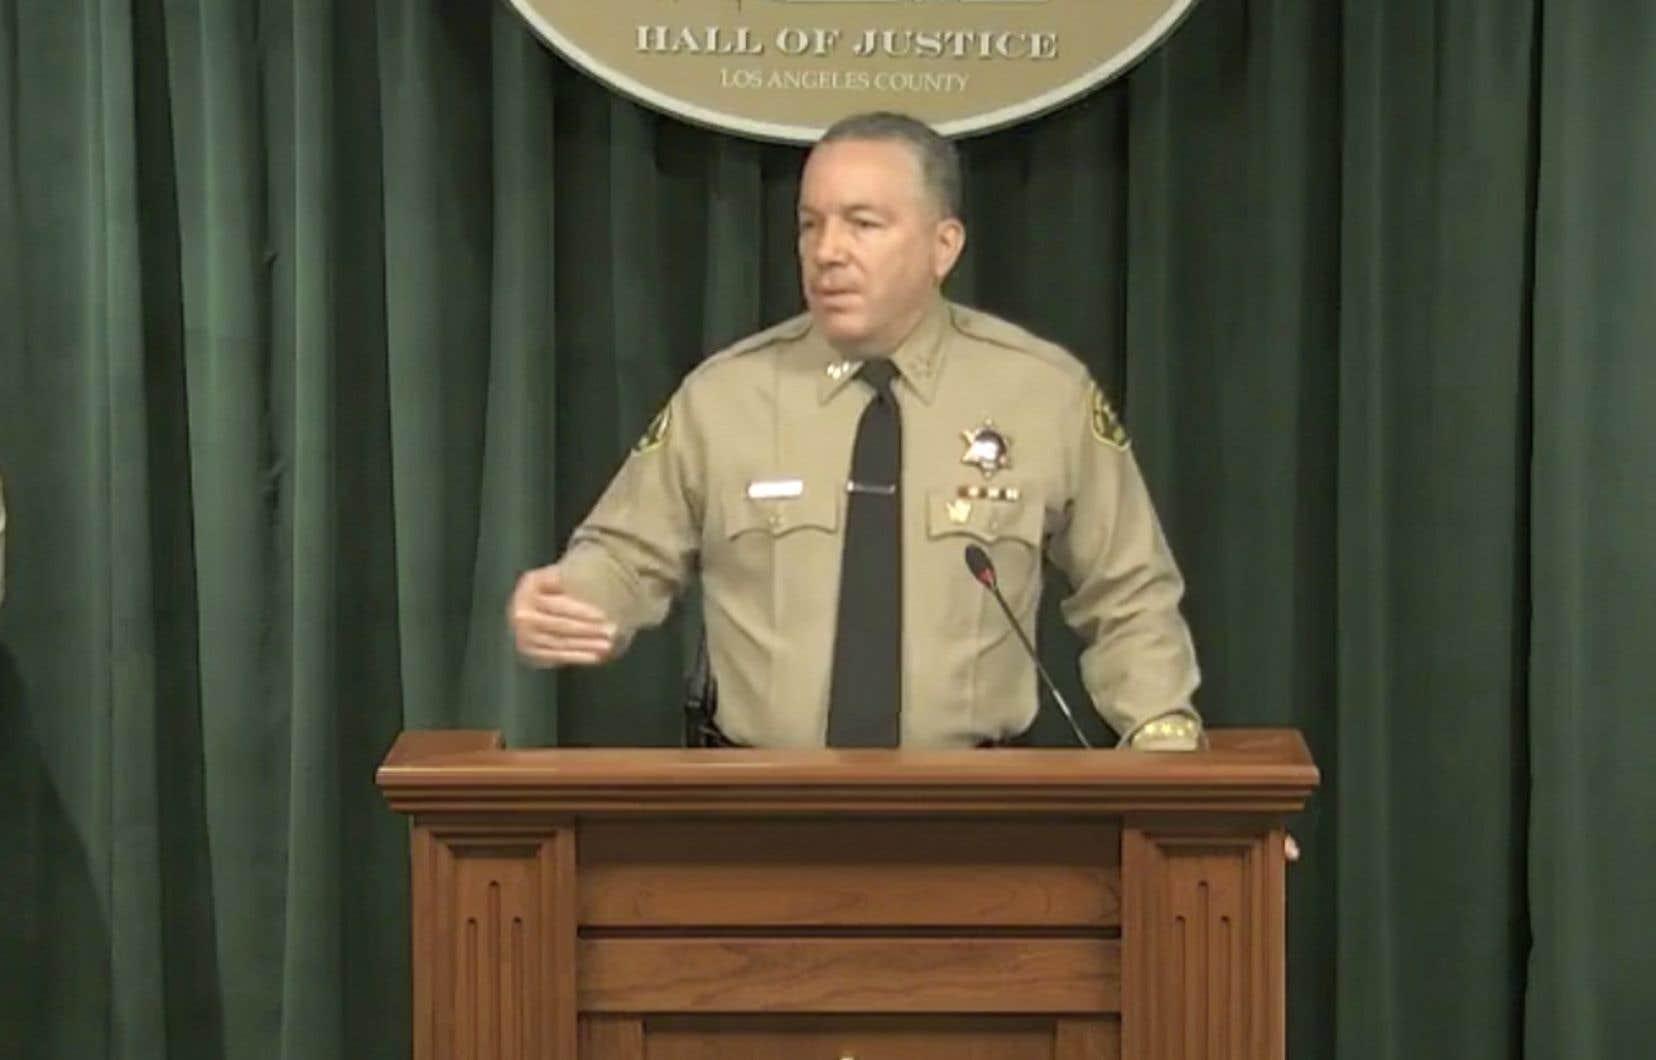 Le shérif du comté de Los Angeles, Alex Villanueva